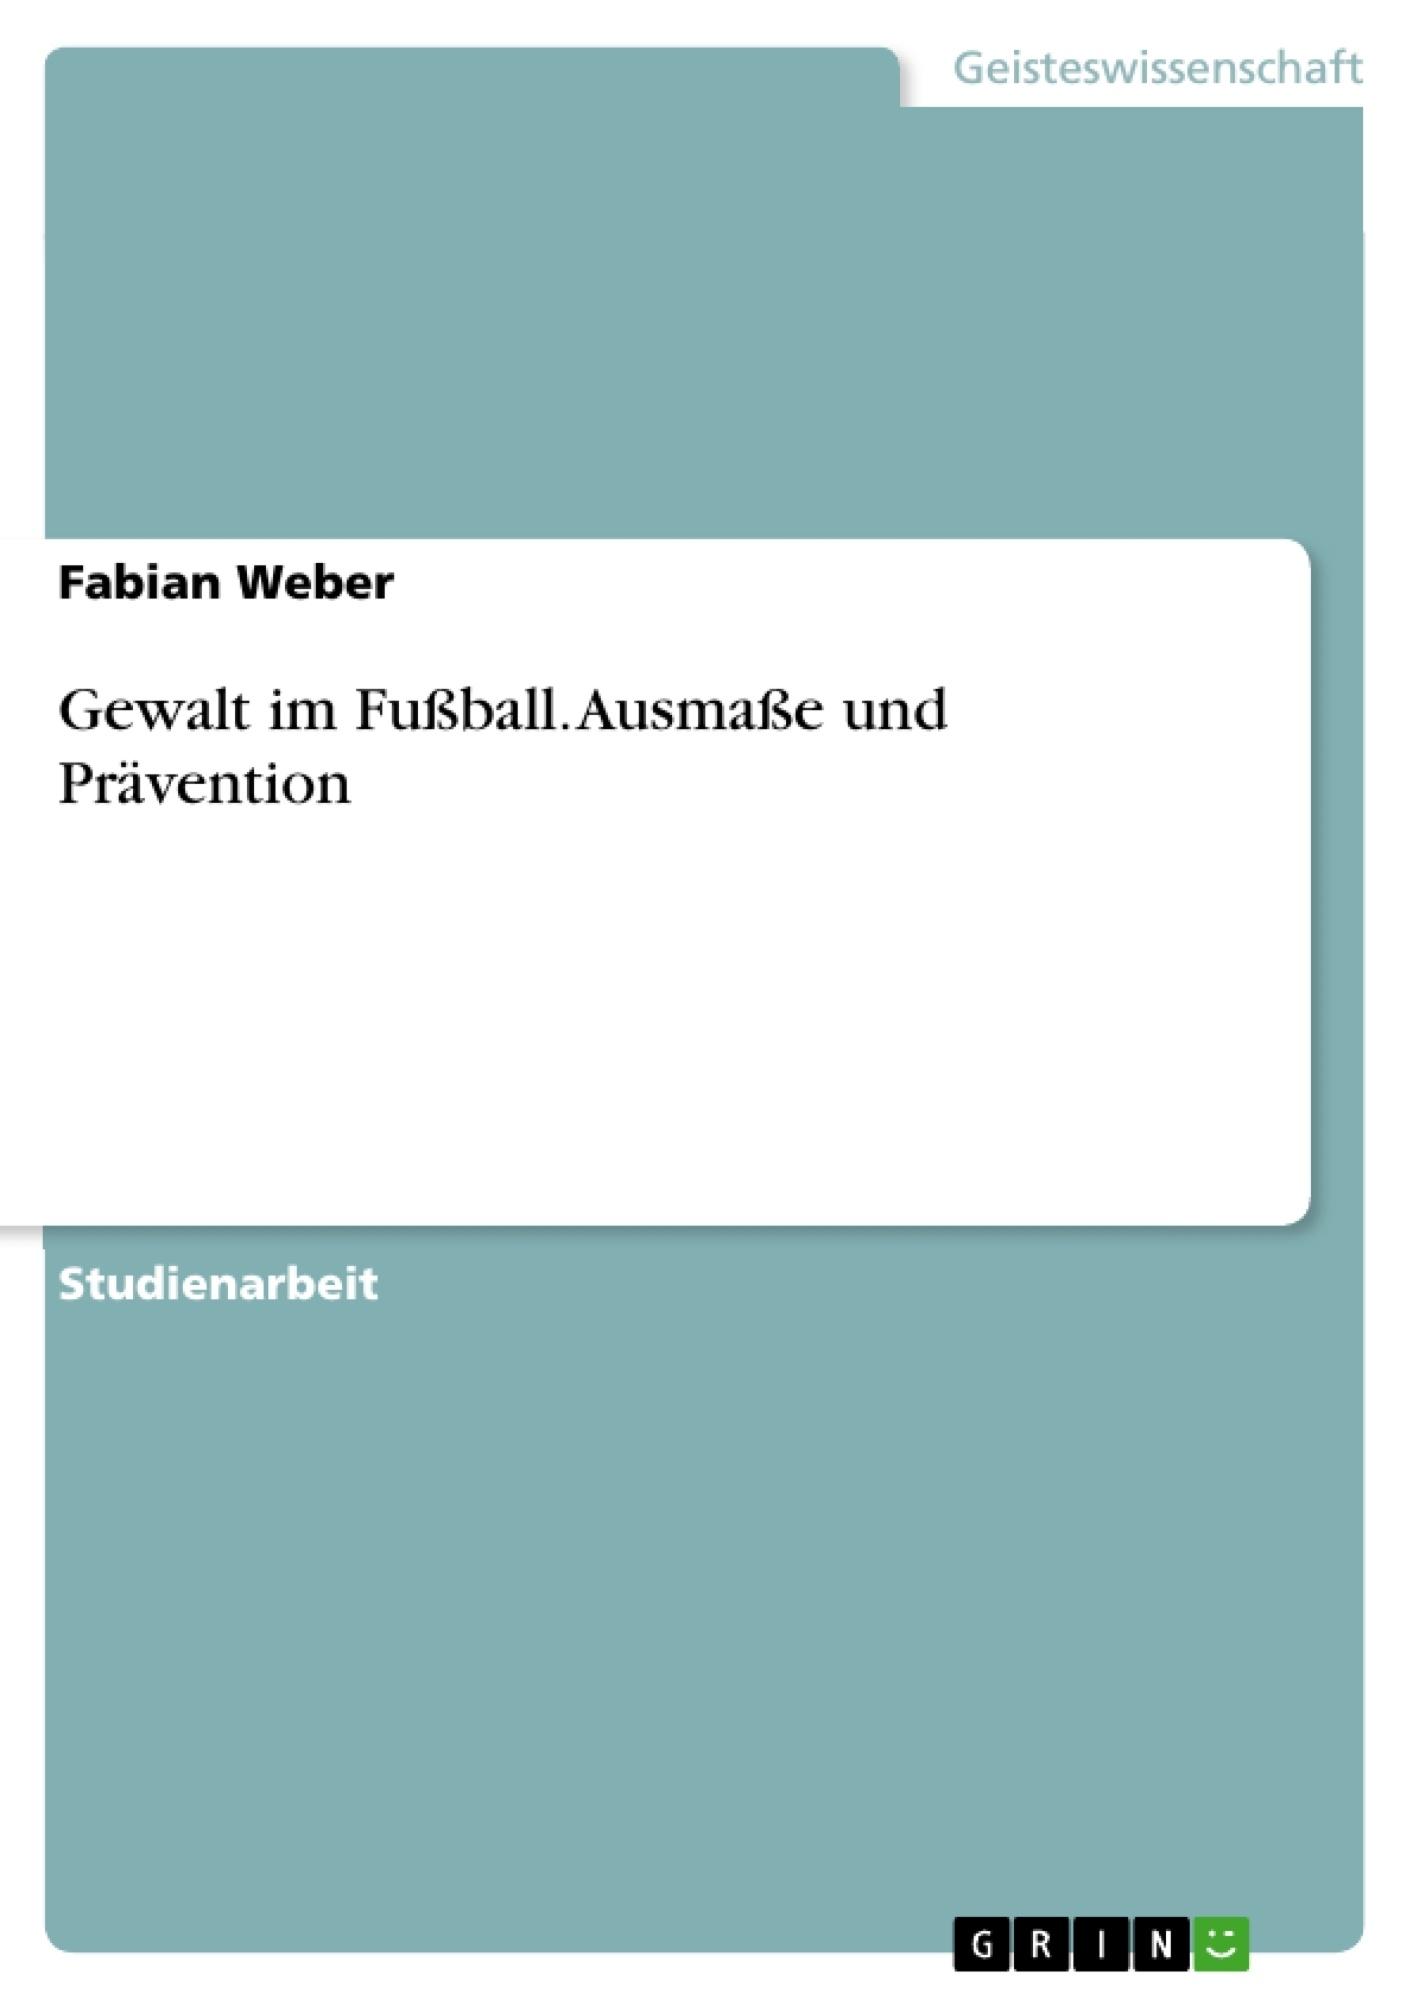 Titel: Gewalt im Fußball. Ausmaße und Prävention